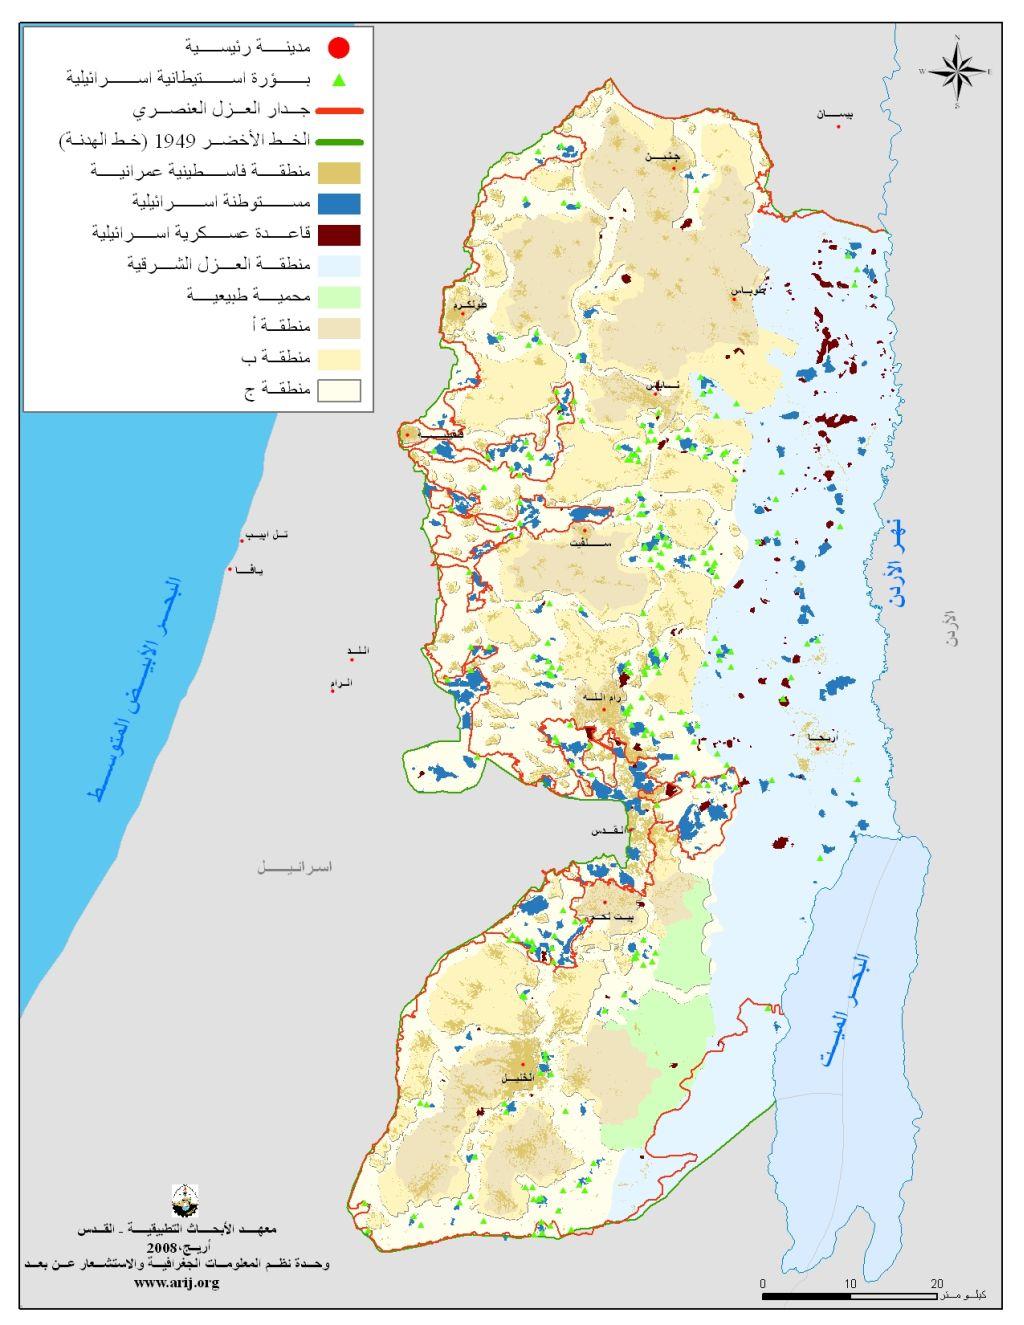 """الأميركيون يقترحون نقل أراضٍ من منطقة""""ج"""" إلى السيادة الفلسطينية"""